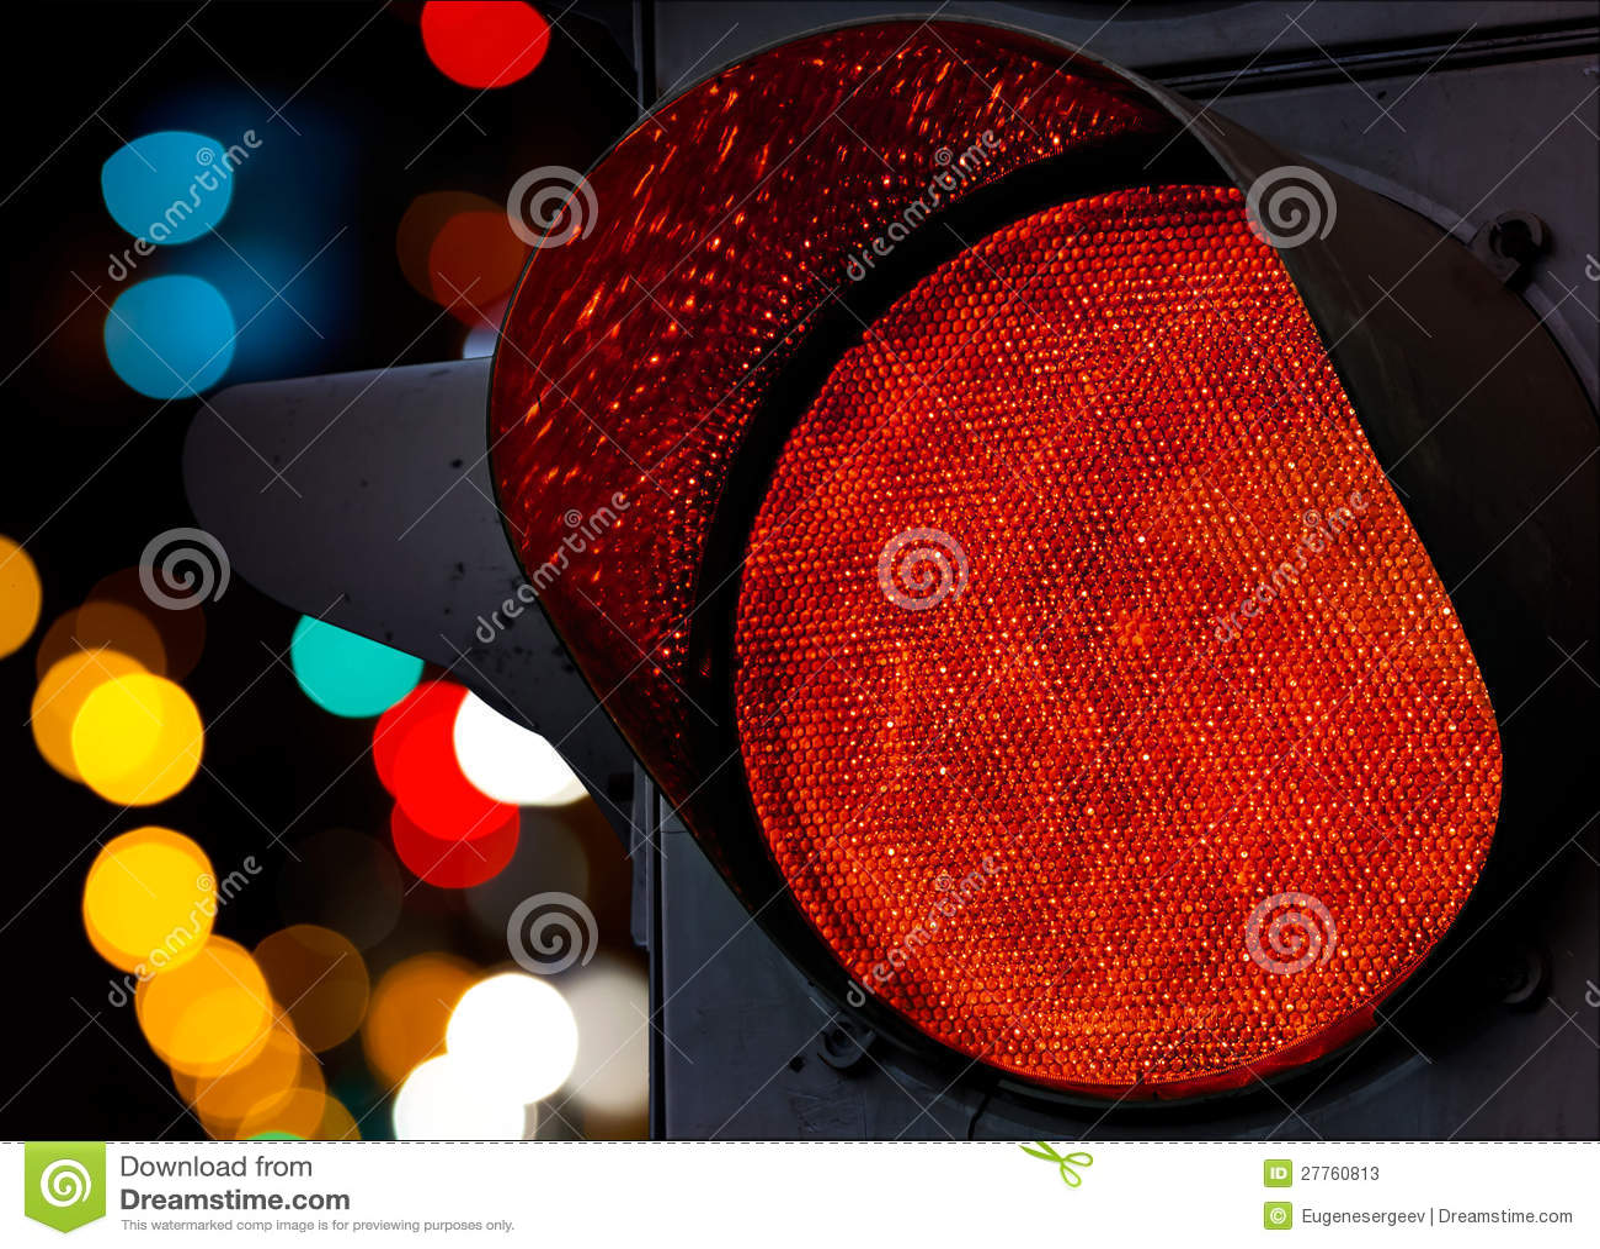 Feu de signalisation rouge avec les lumières unfocused colorées